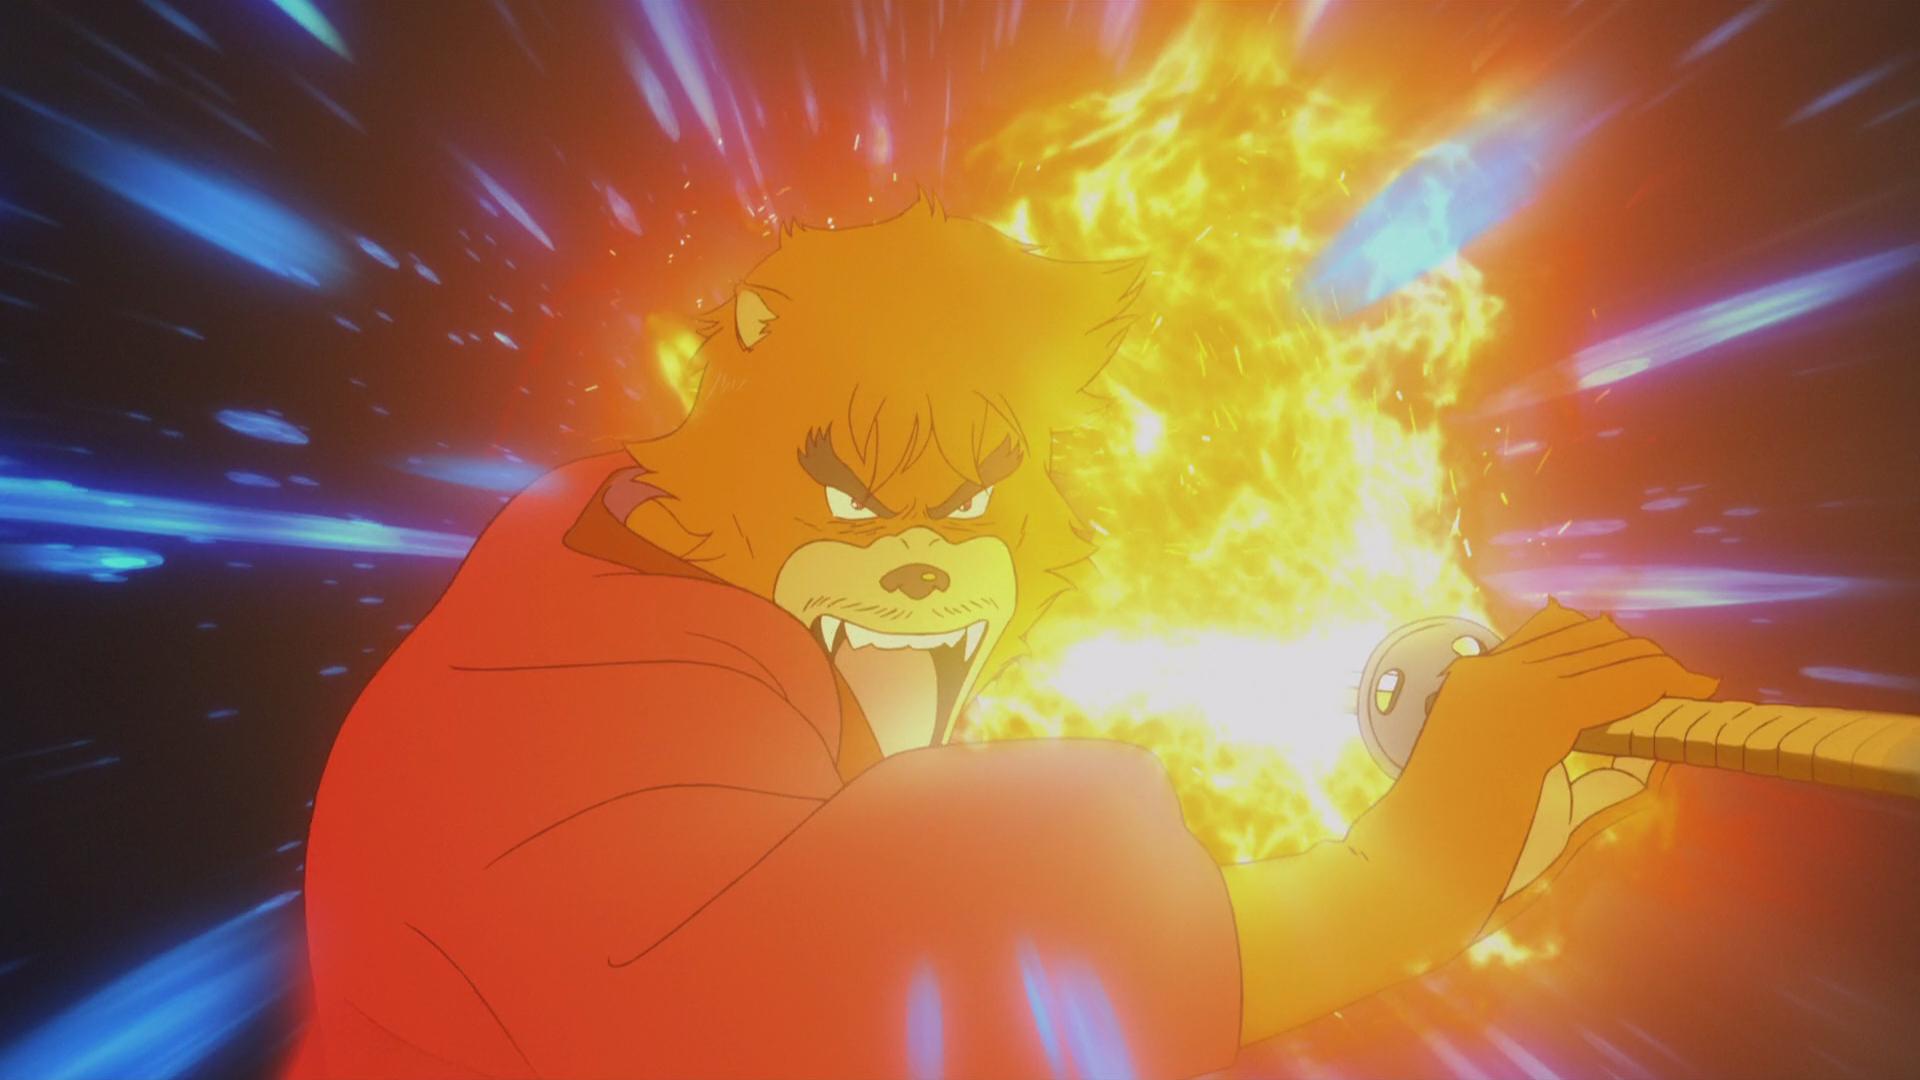 Kumatetsu The Boy And The Beast Hd Wallpaper Background Image